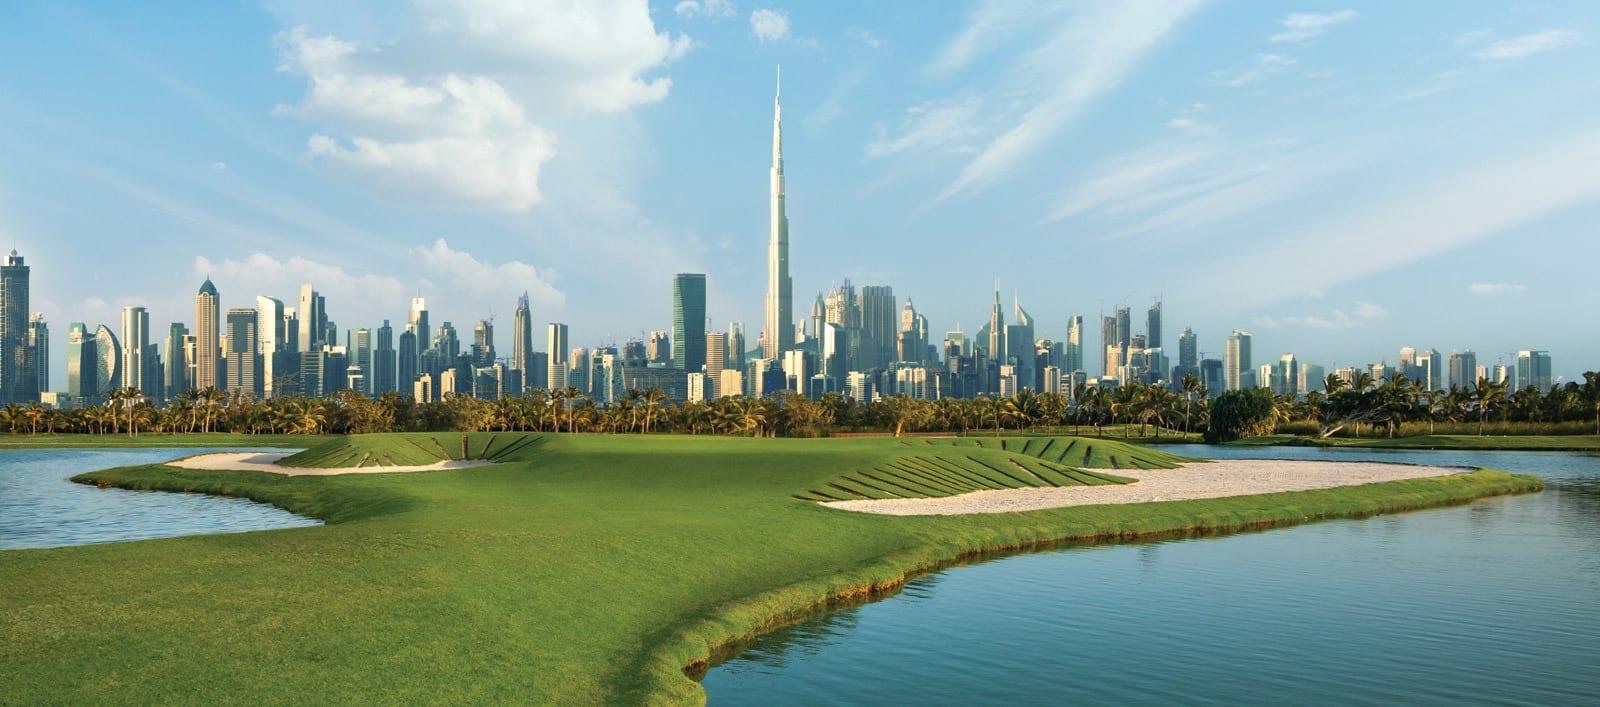 مجمع دبي هيلز في منطقة دبي هيلز استيت